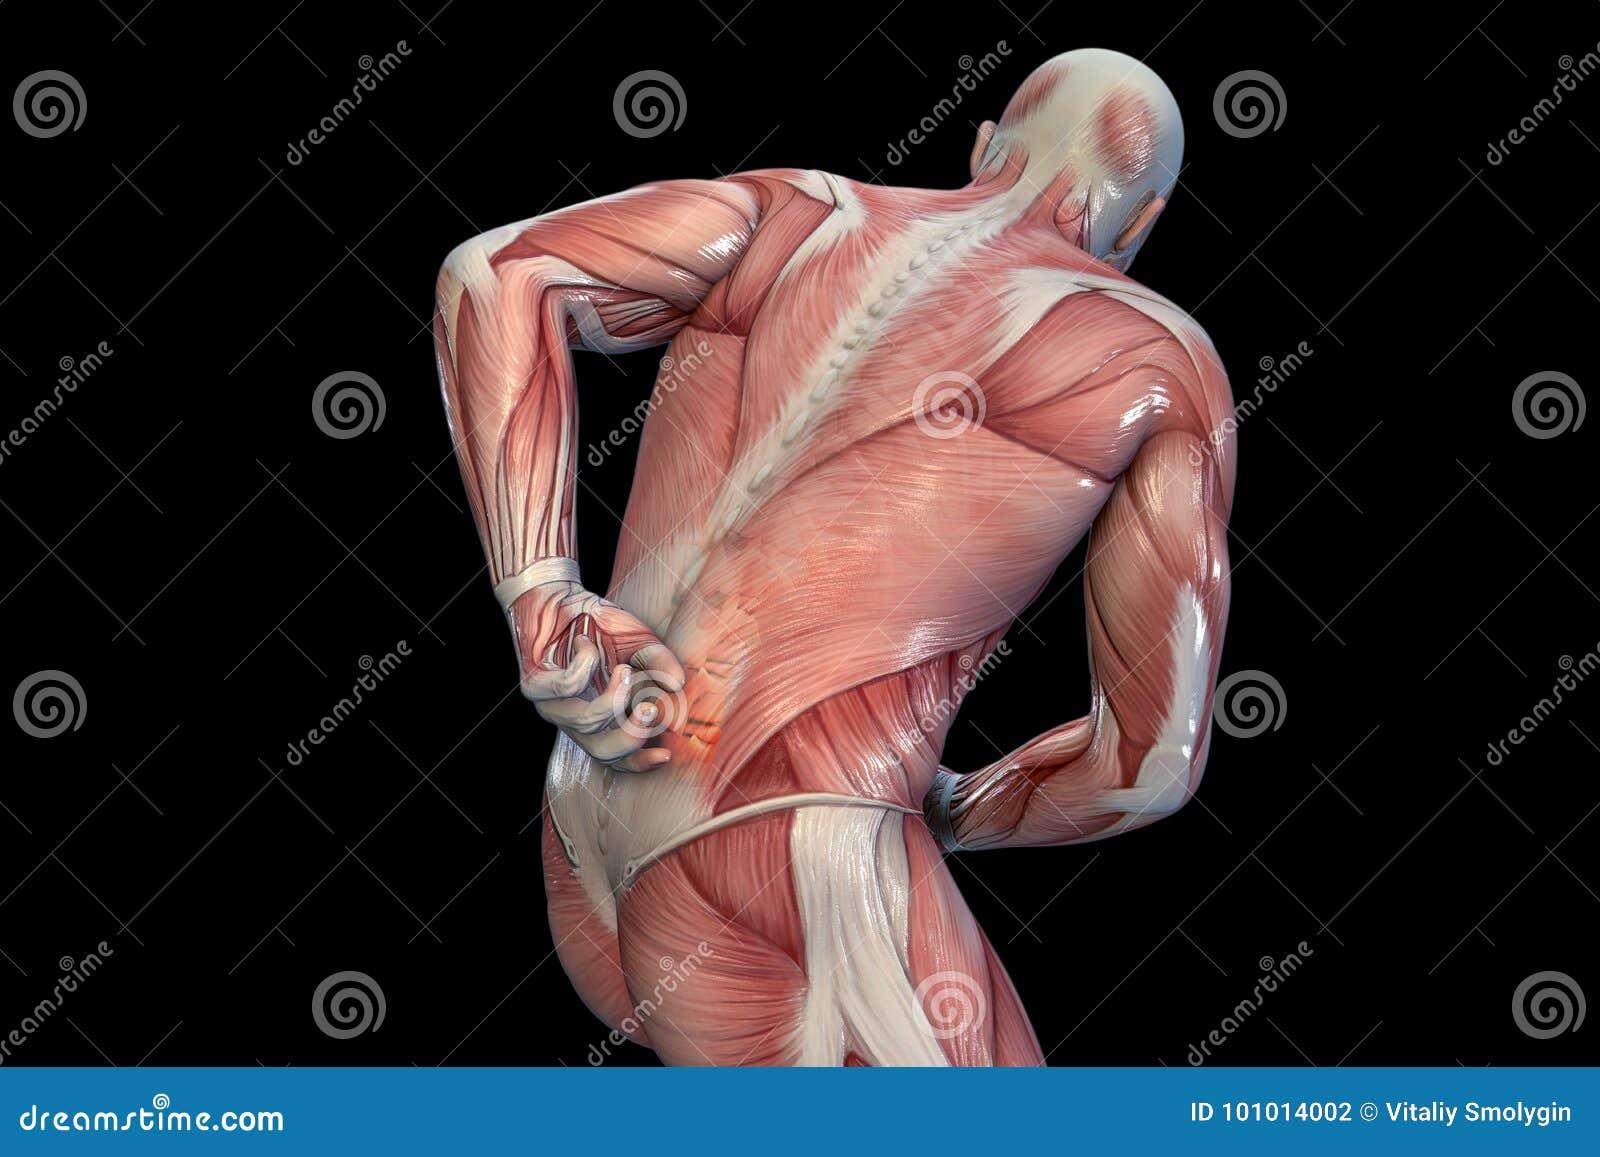 Dolor De Espalda Anatómico De La Visión Ilustración 3D Stock de ...